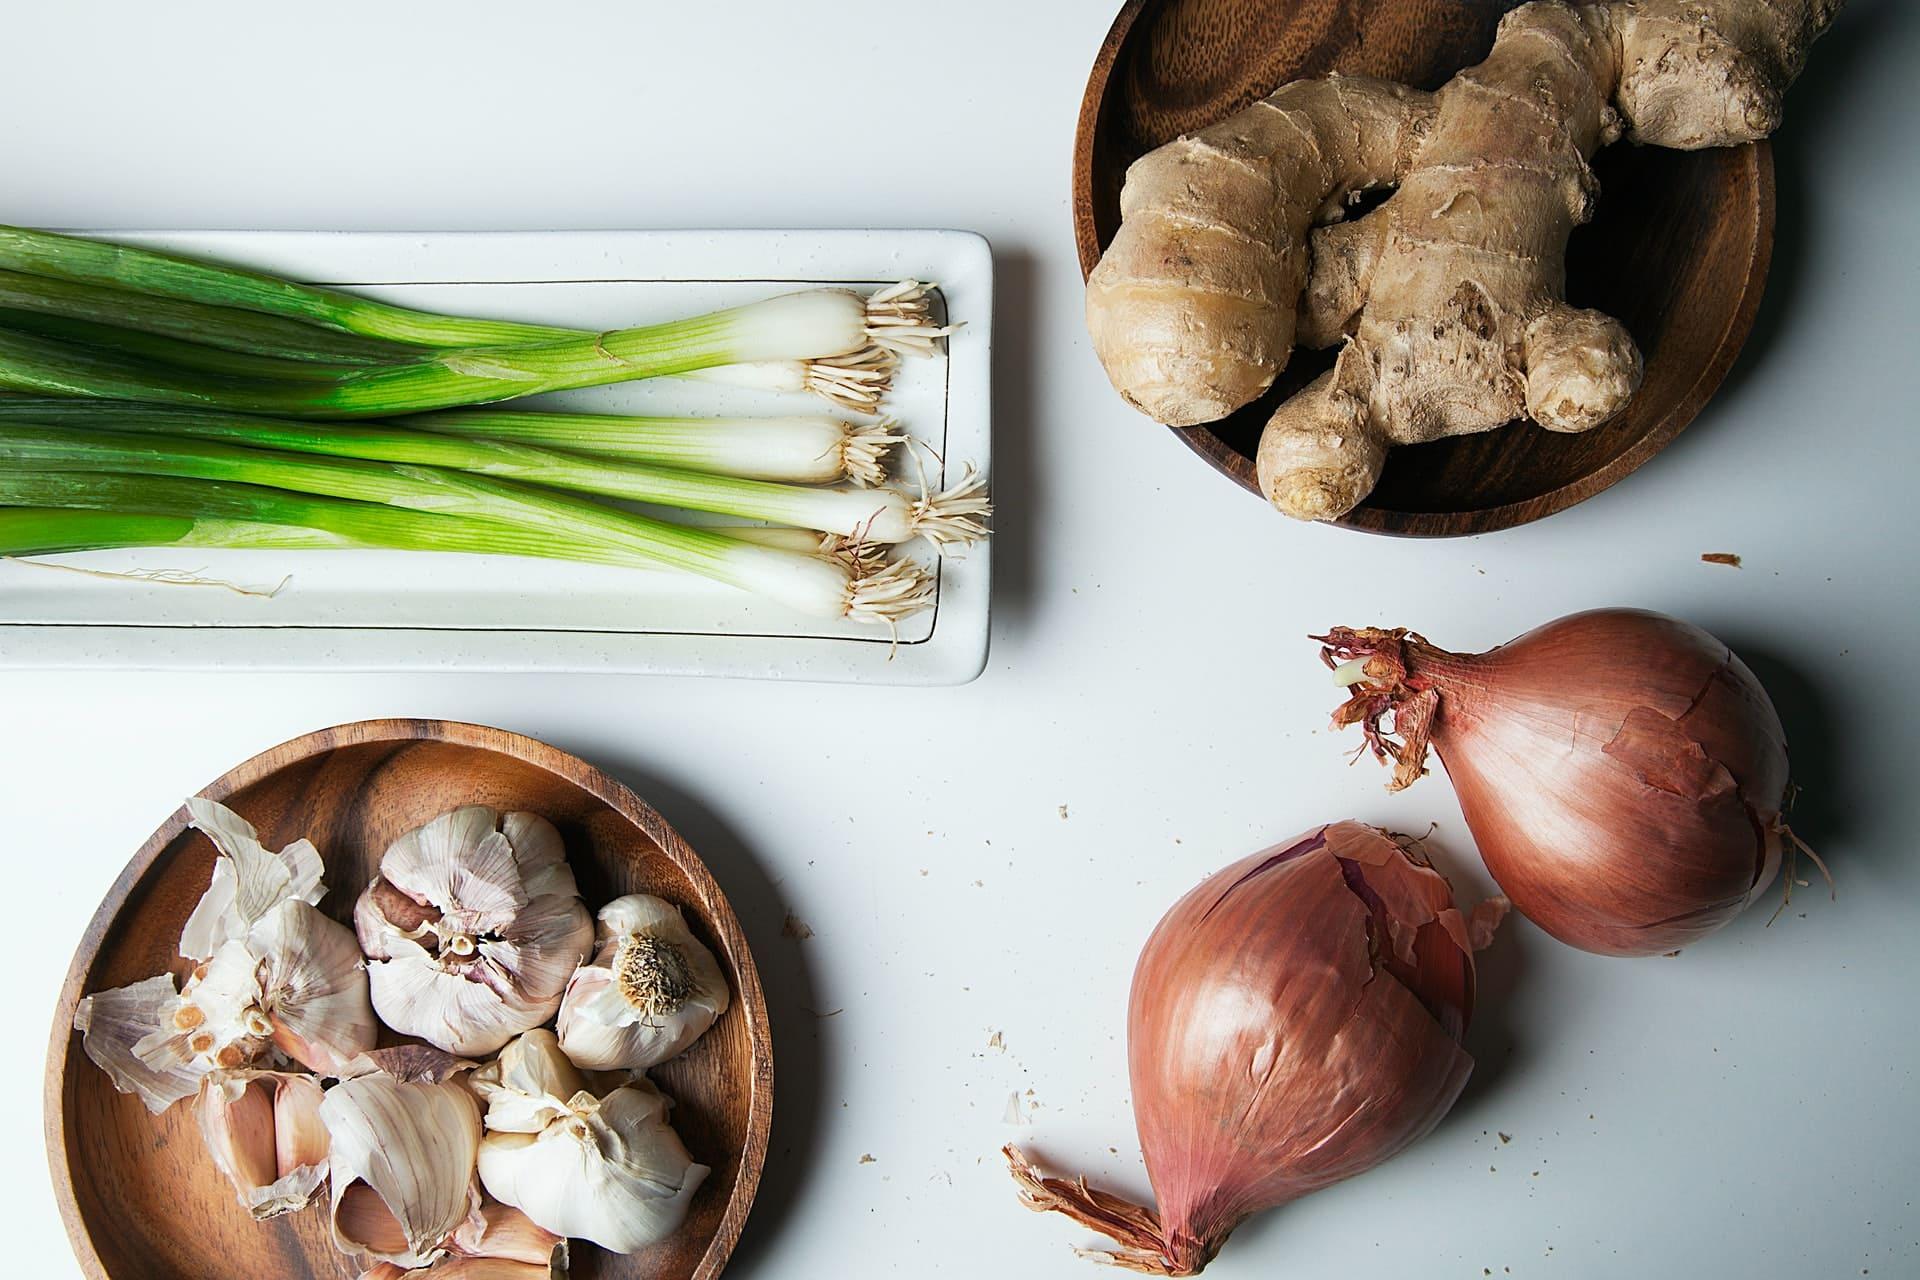 藥食同源食物正確、適量服用,絕對是有益配圖:蔥、大蒜、洋蔥